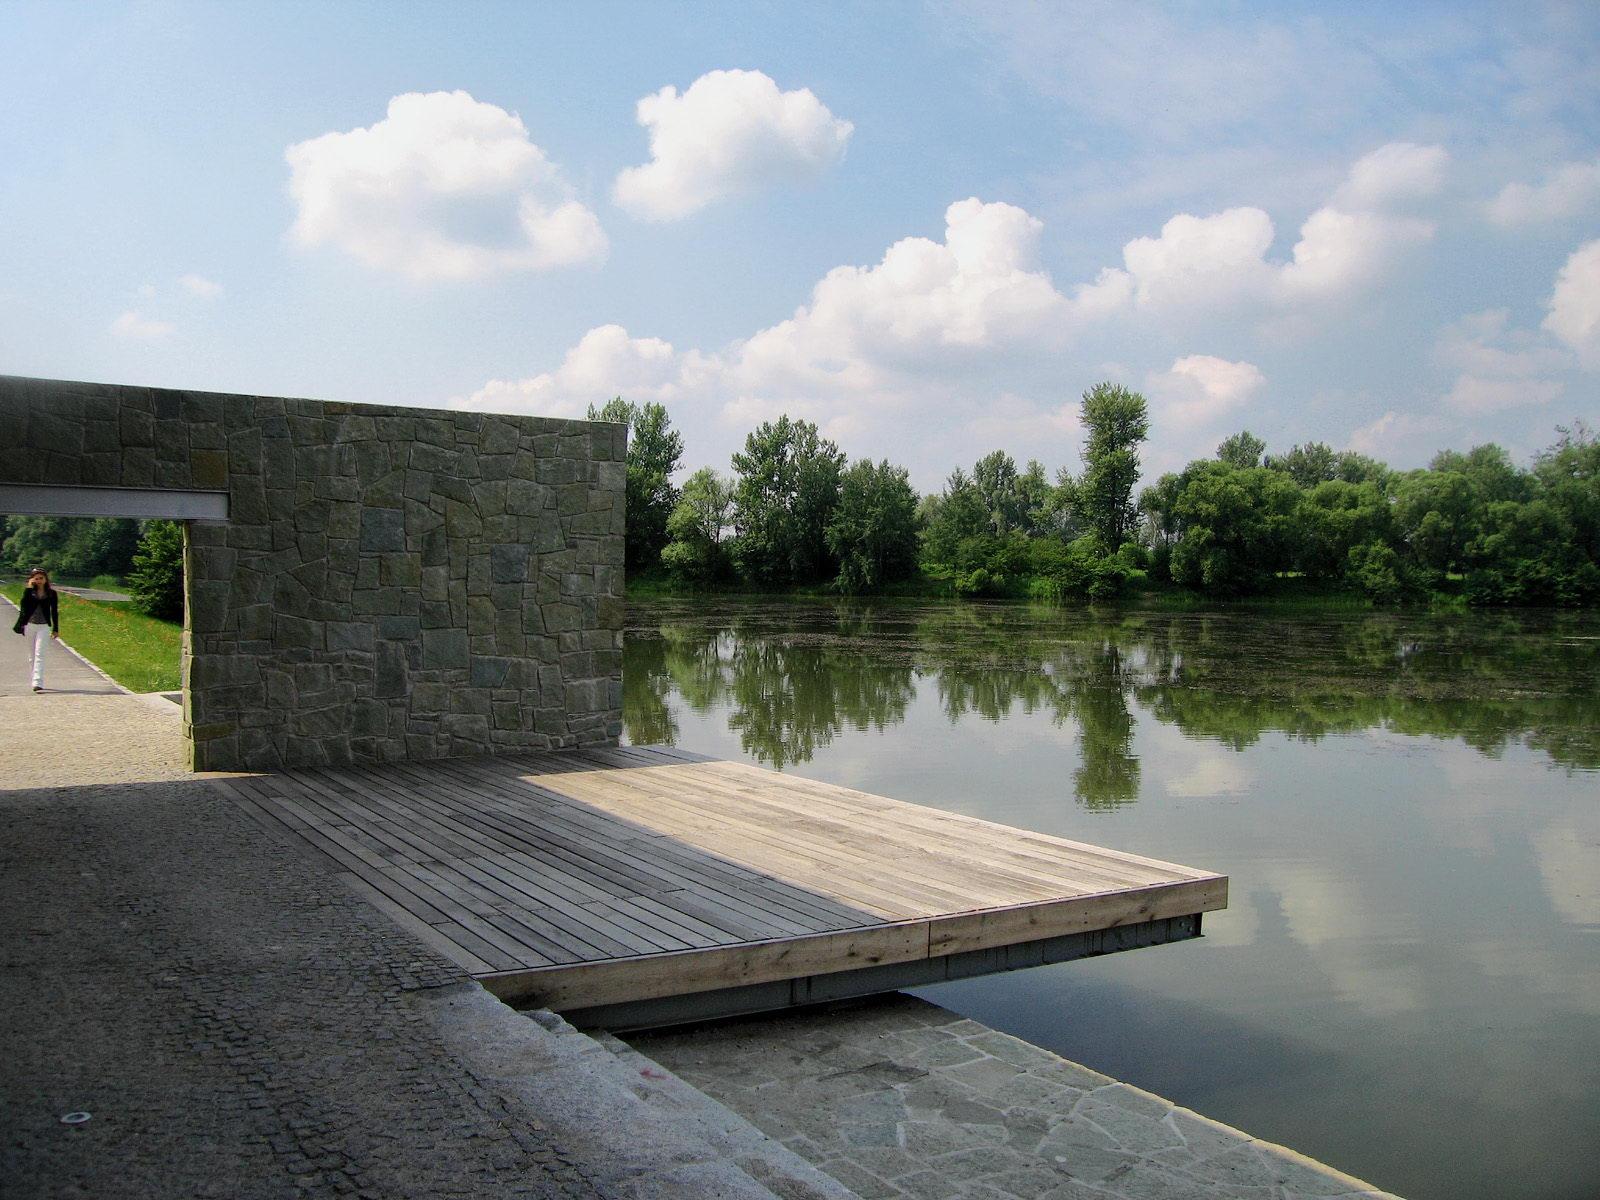 loděnice v parku   Karviná - Fryštát   03